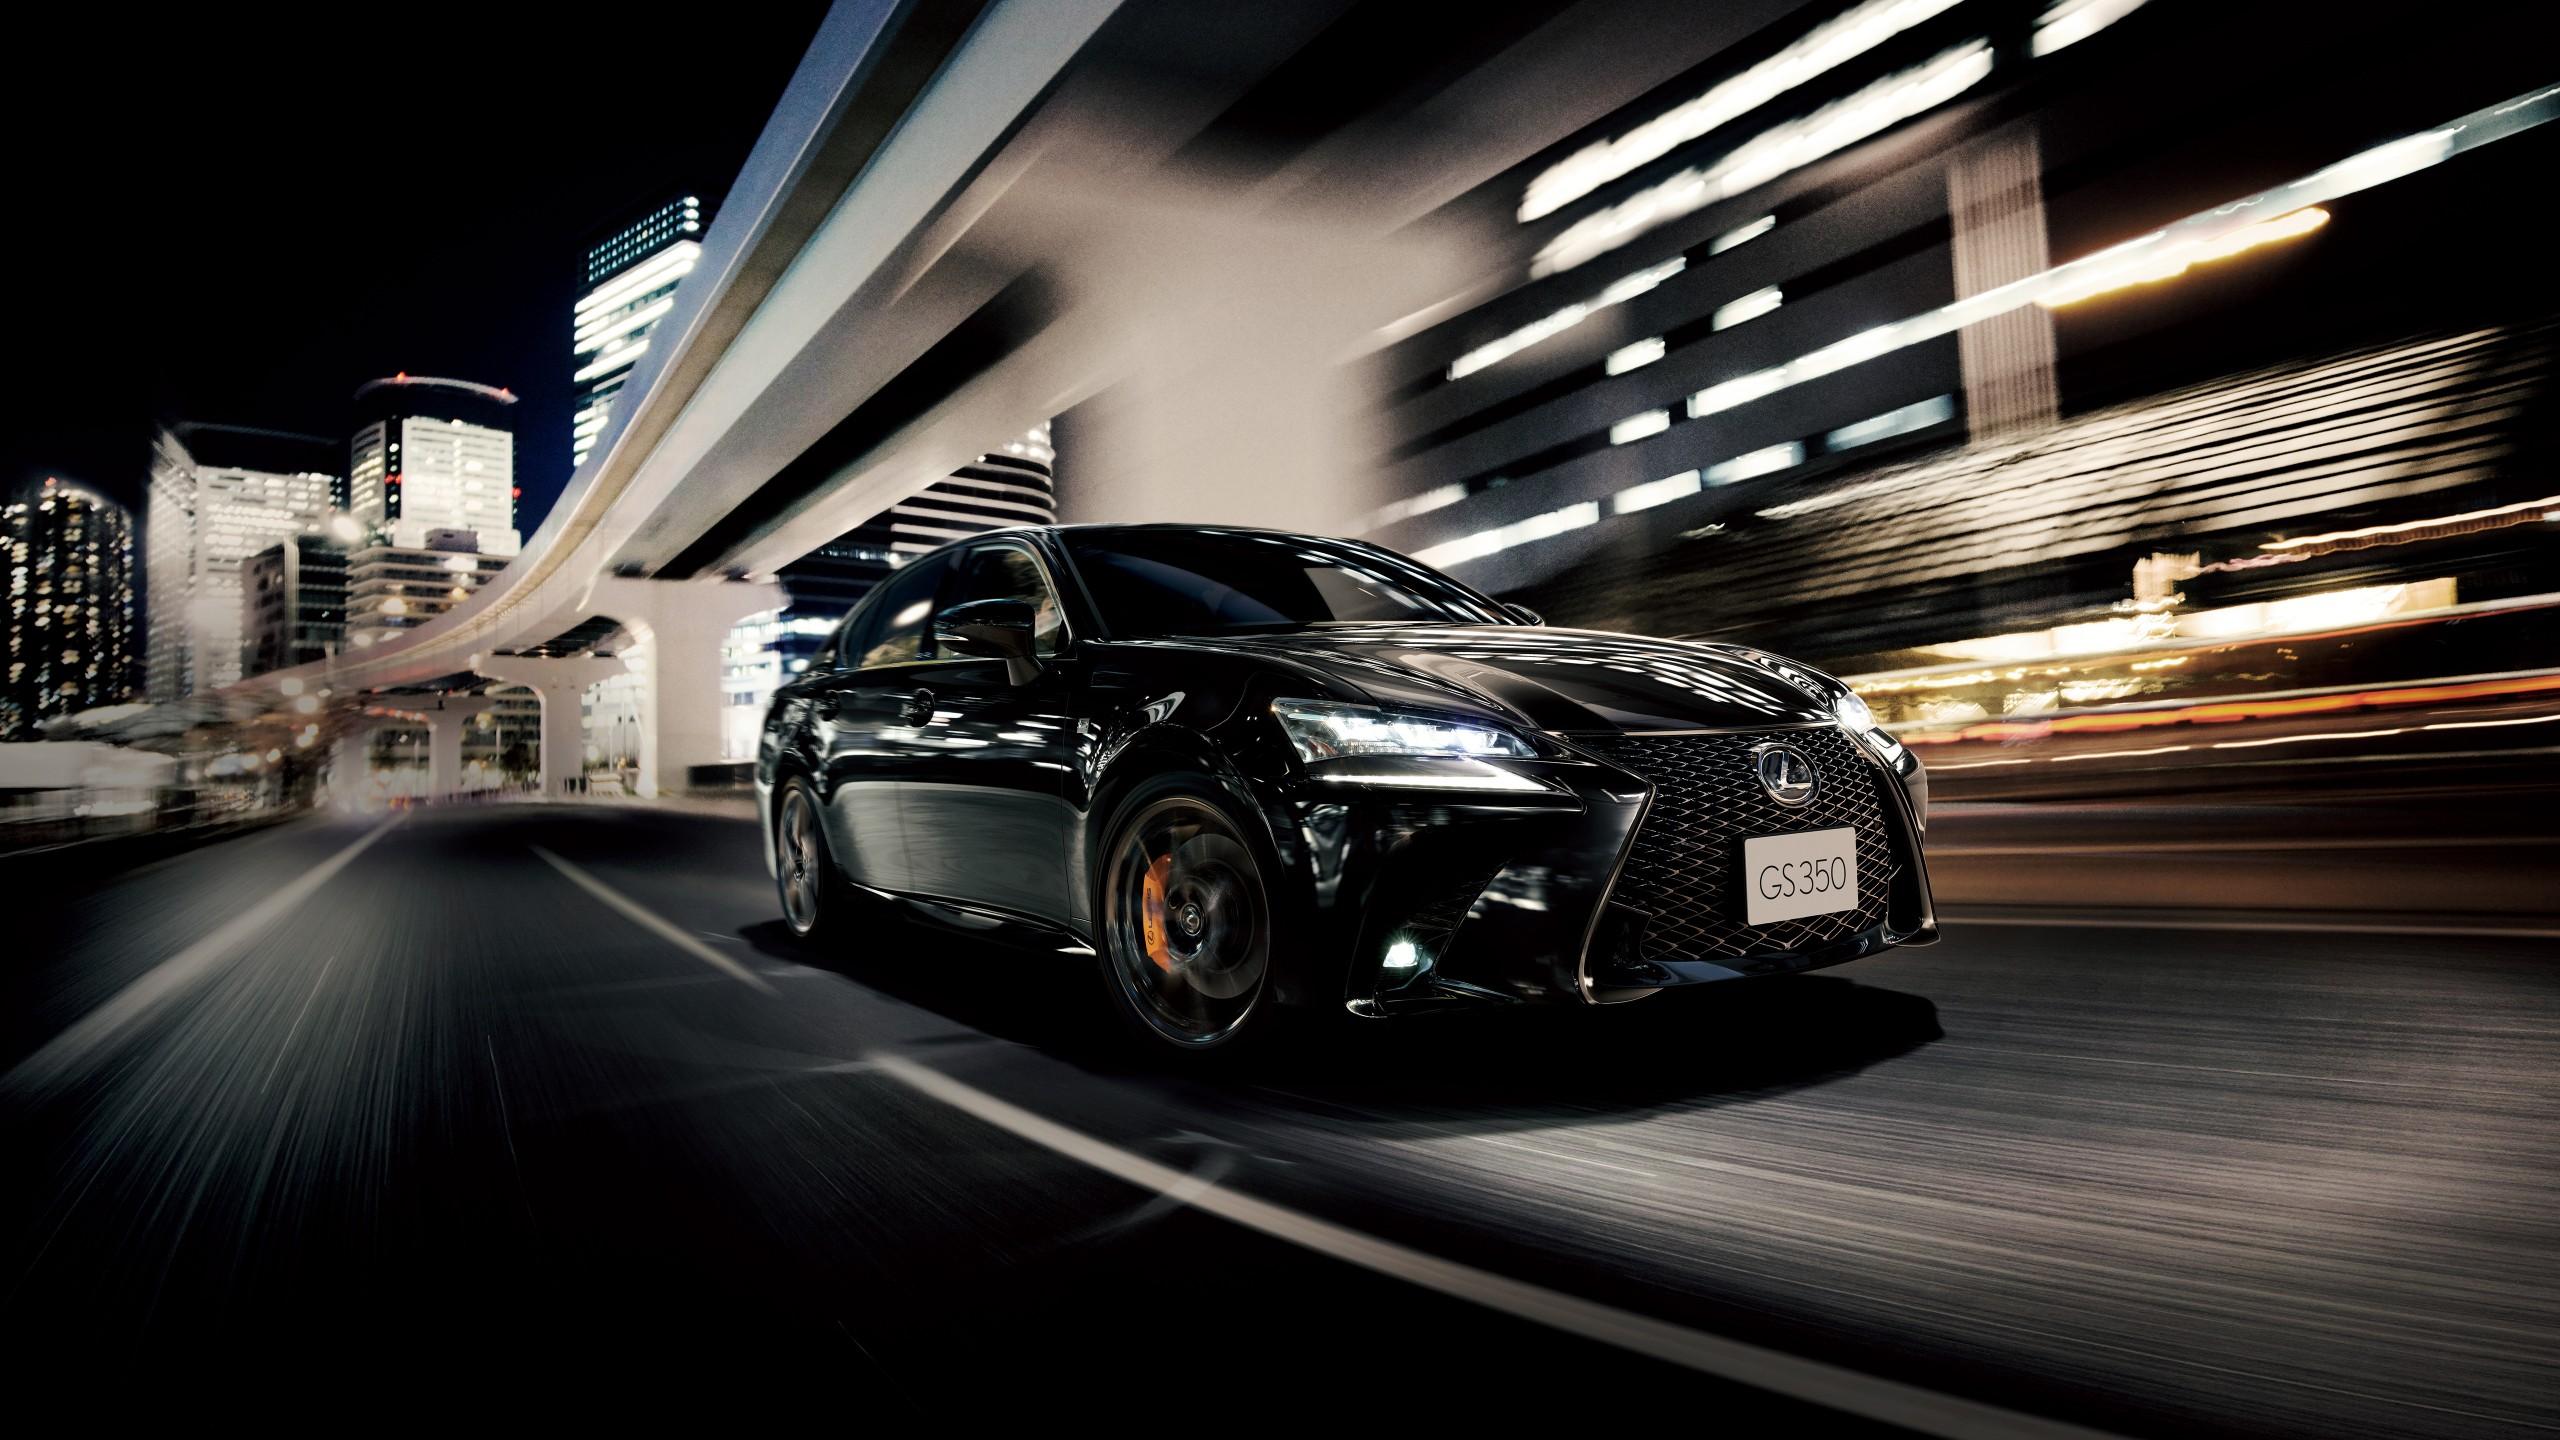 Lexus Gs 350 Eternal Touring 2020 5k Wallpaper Hd Car Wallpapers Id 14802